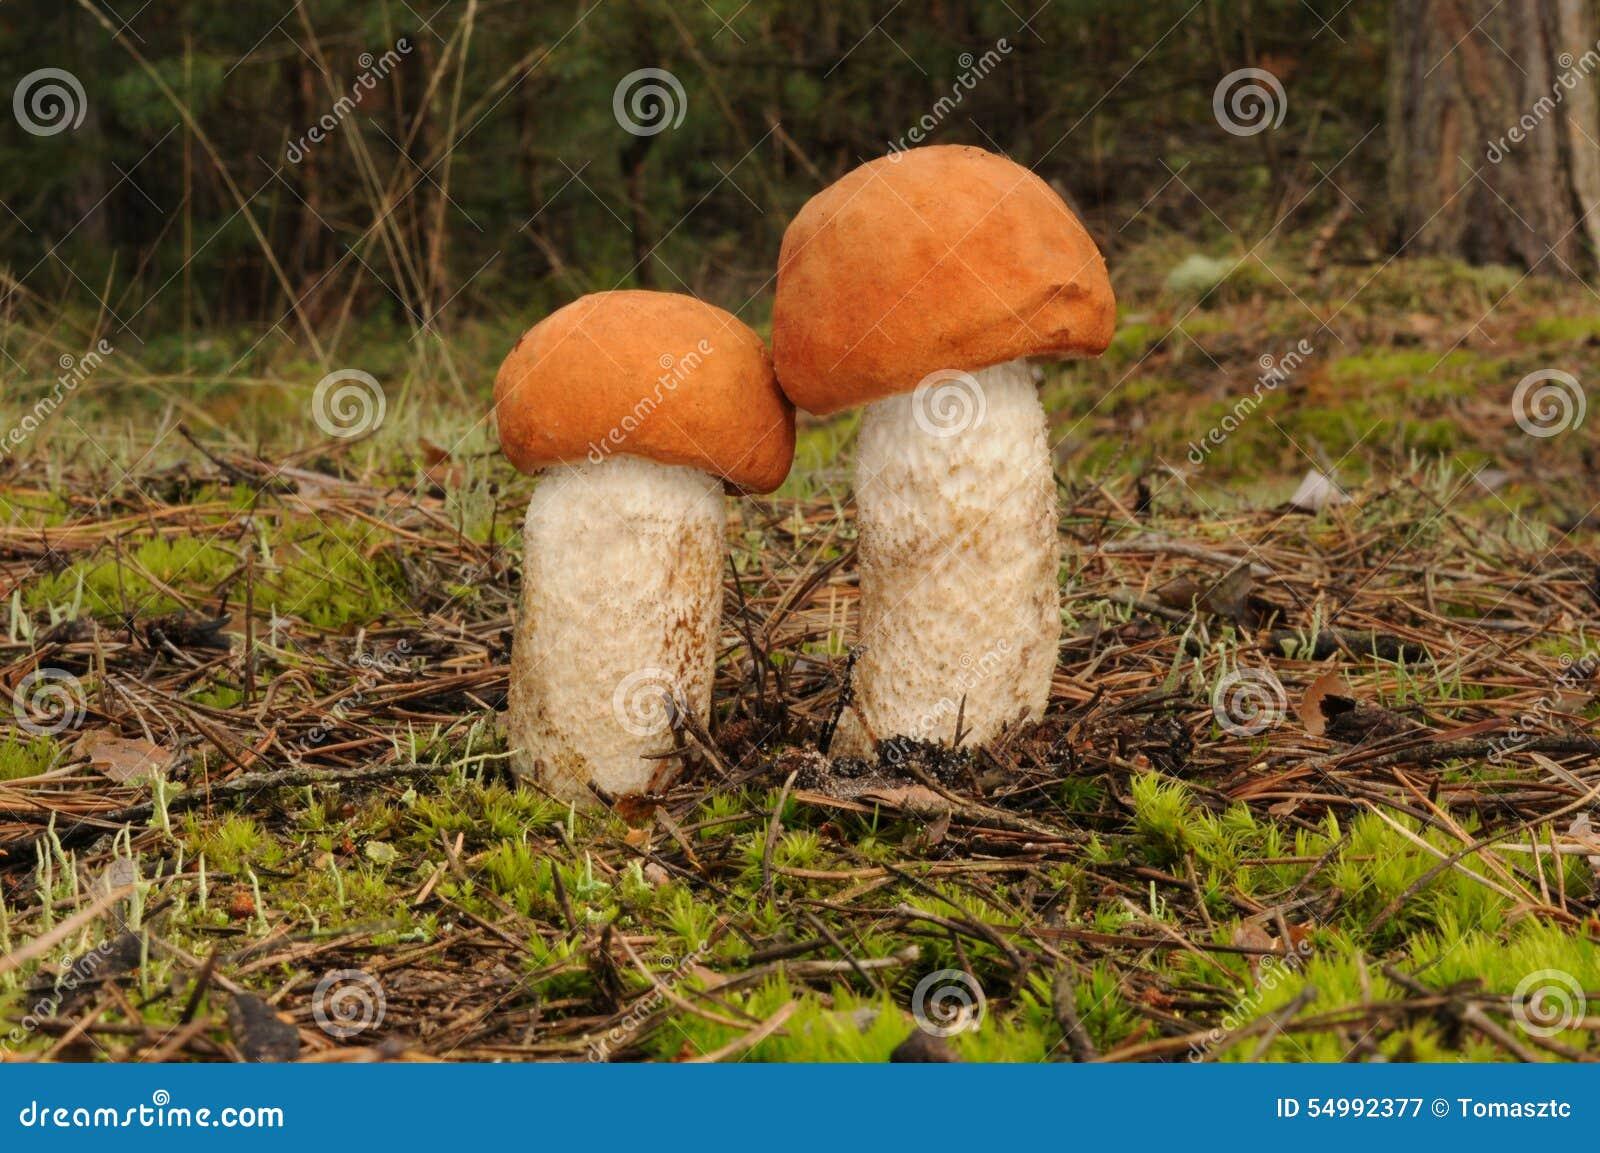 Leccinum aurantiacum fungus